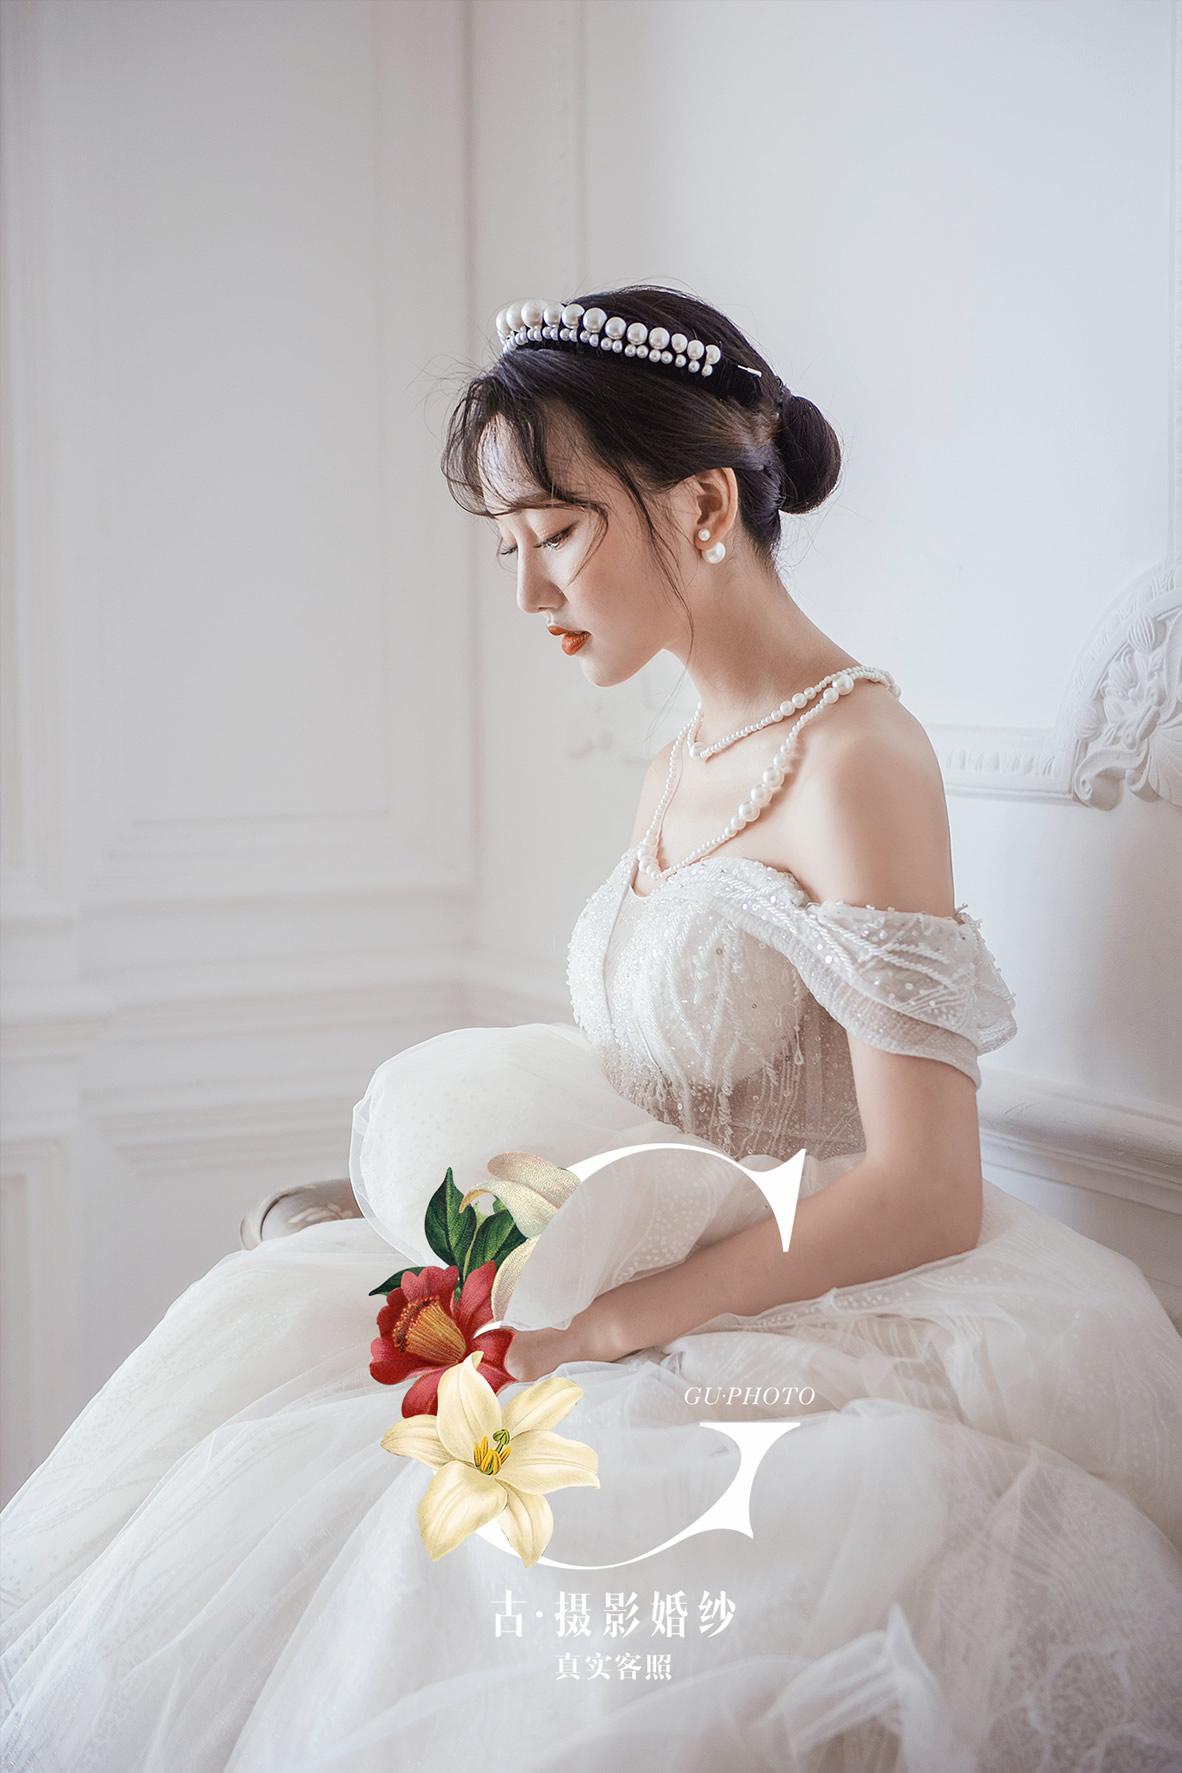 余先生 王小姐 - 每日客照 - 广州婚纱摄影-广州古摄影官网